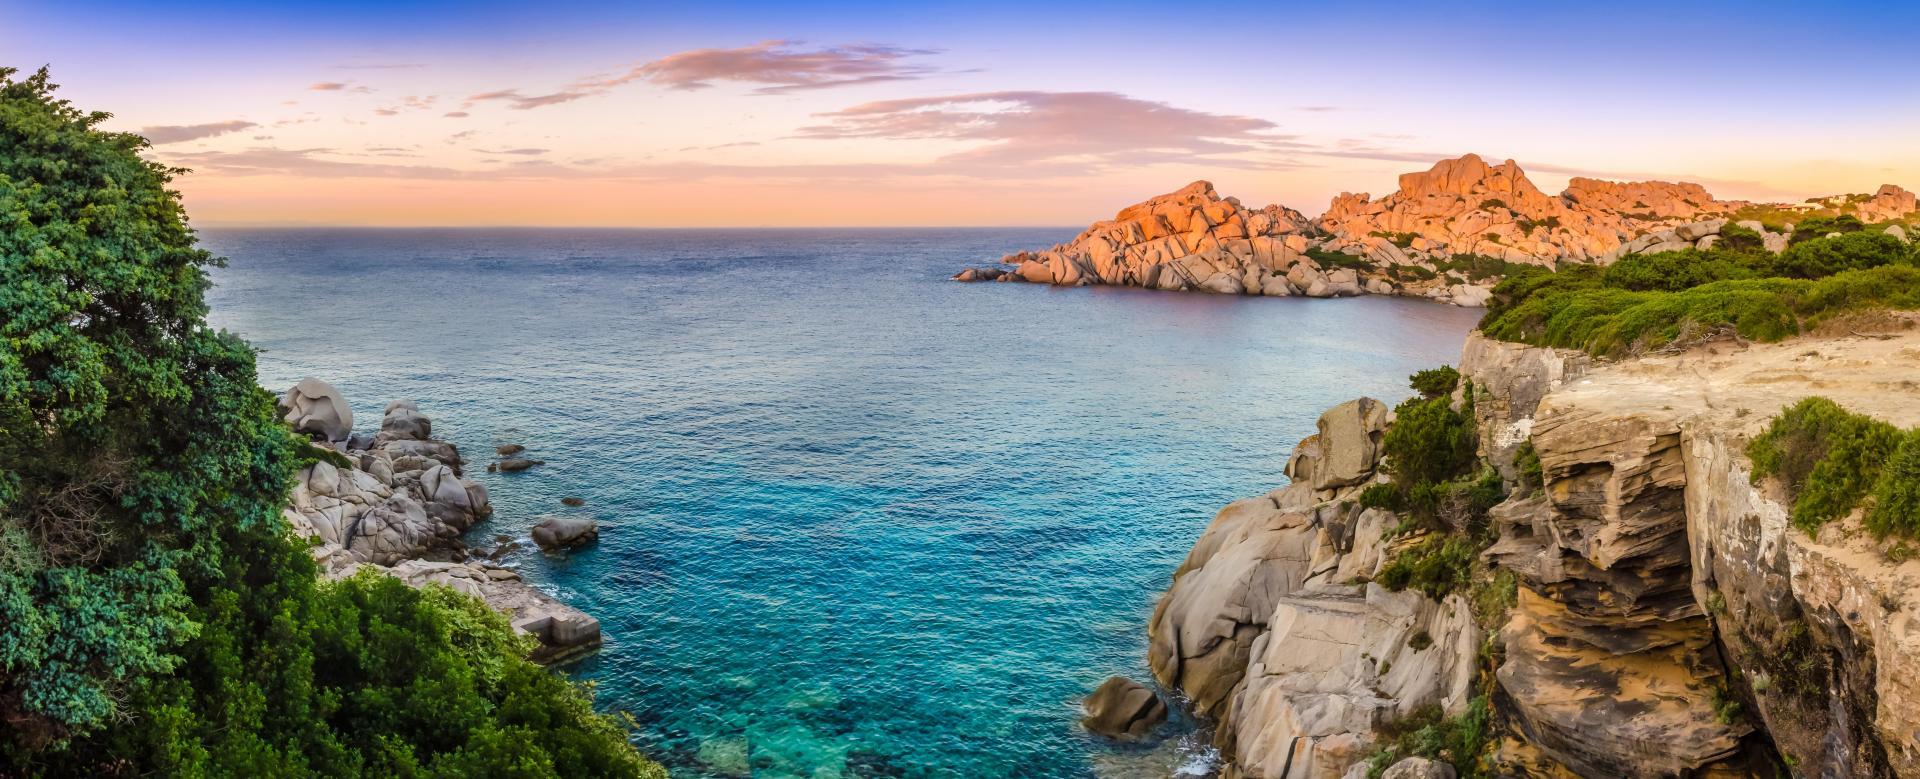 Voyage à pied : La sardaigne : paradis de sites en criques